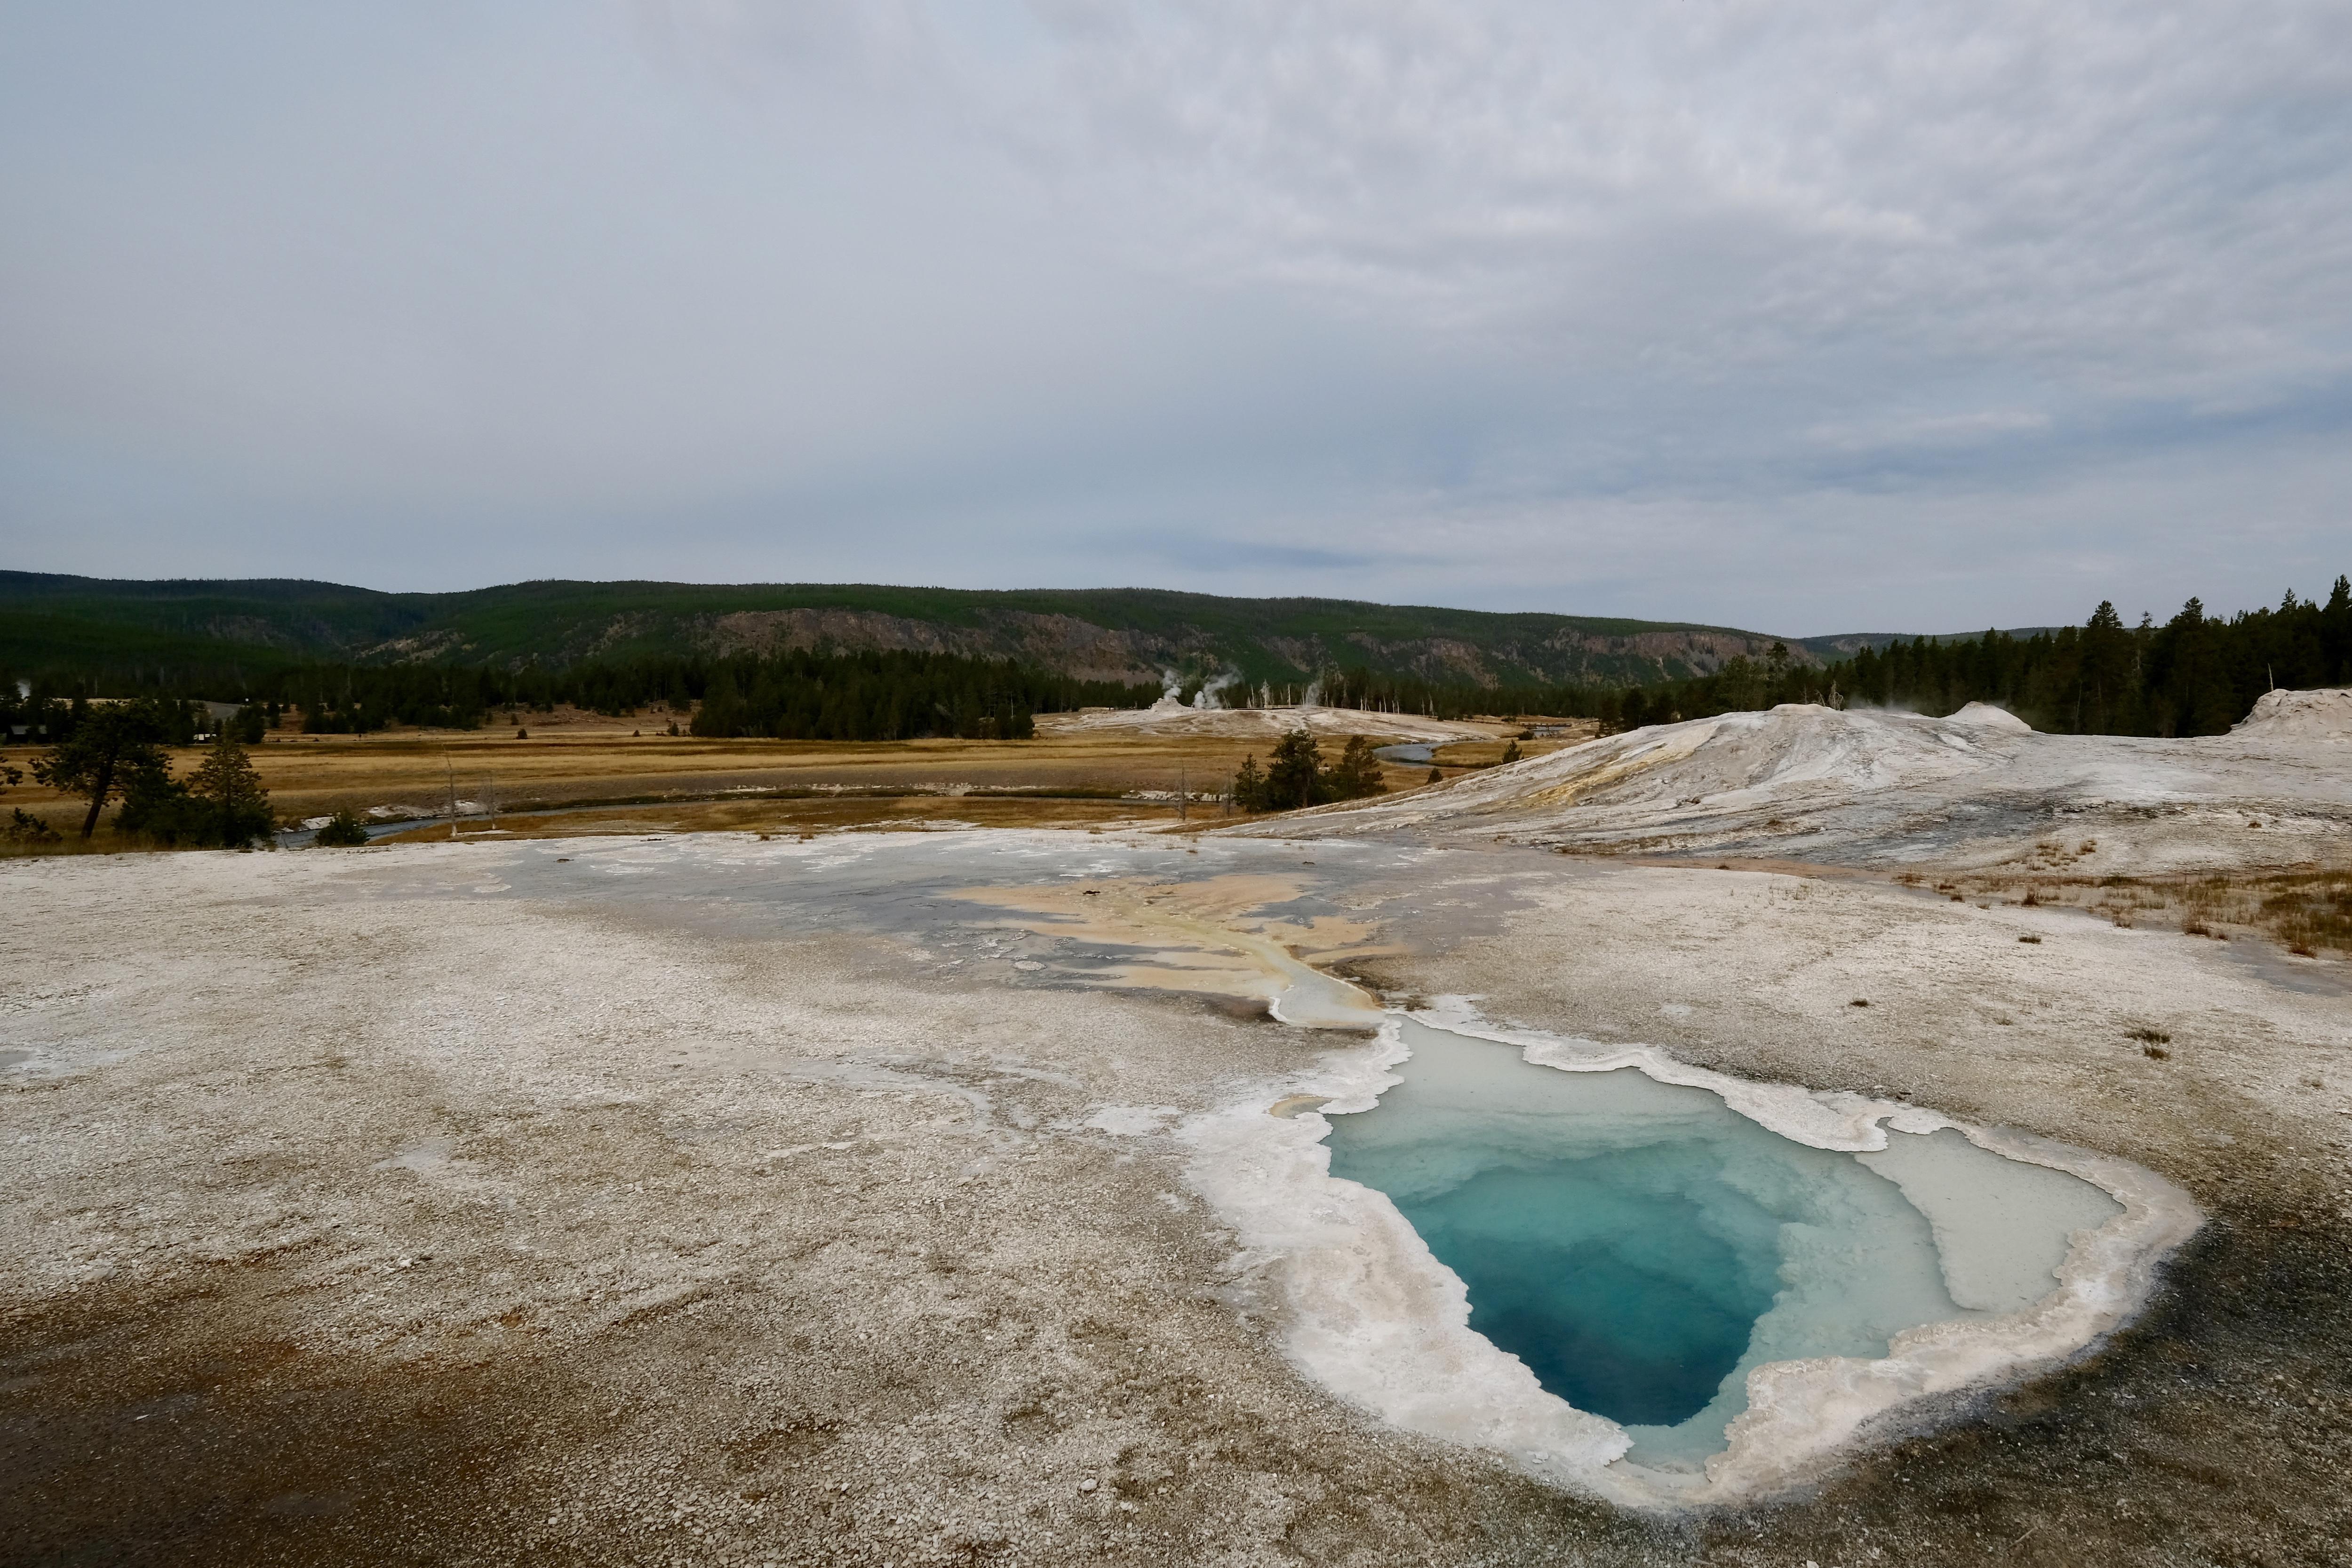 Yellowstone - Old Faithful